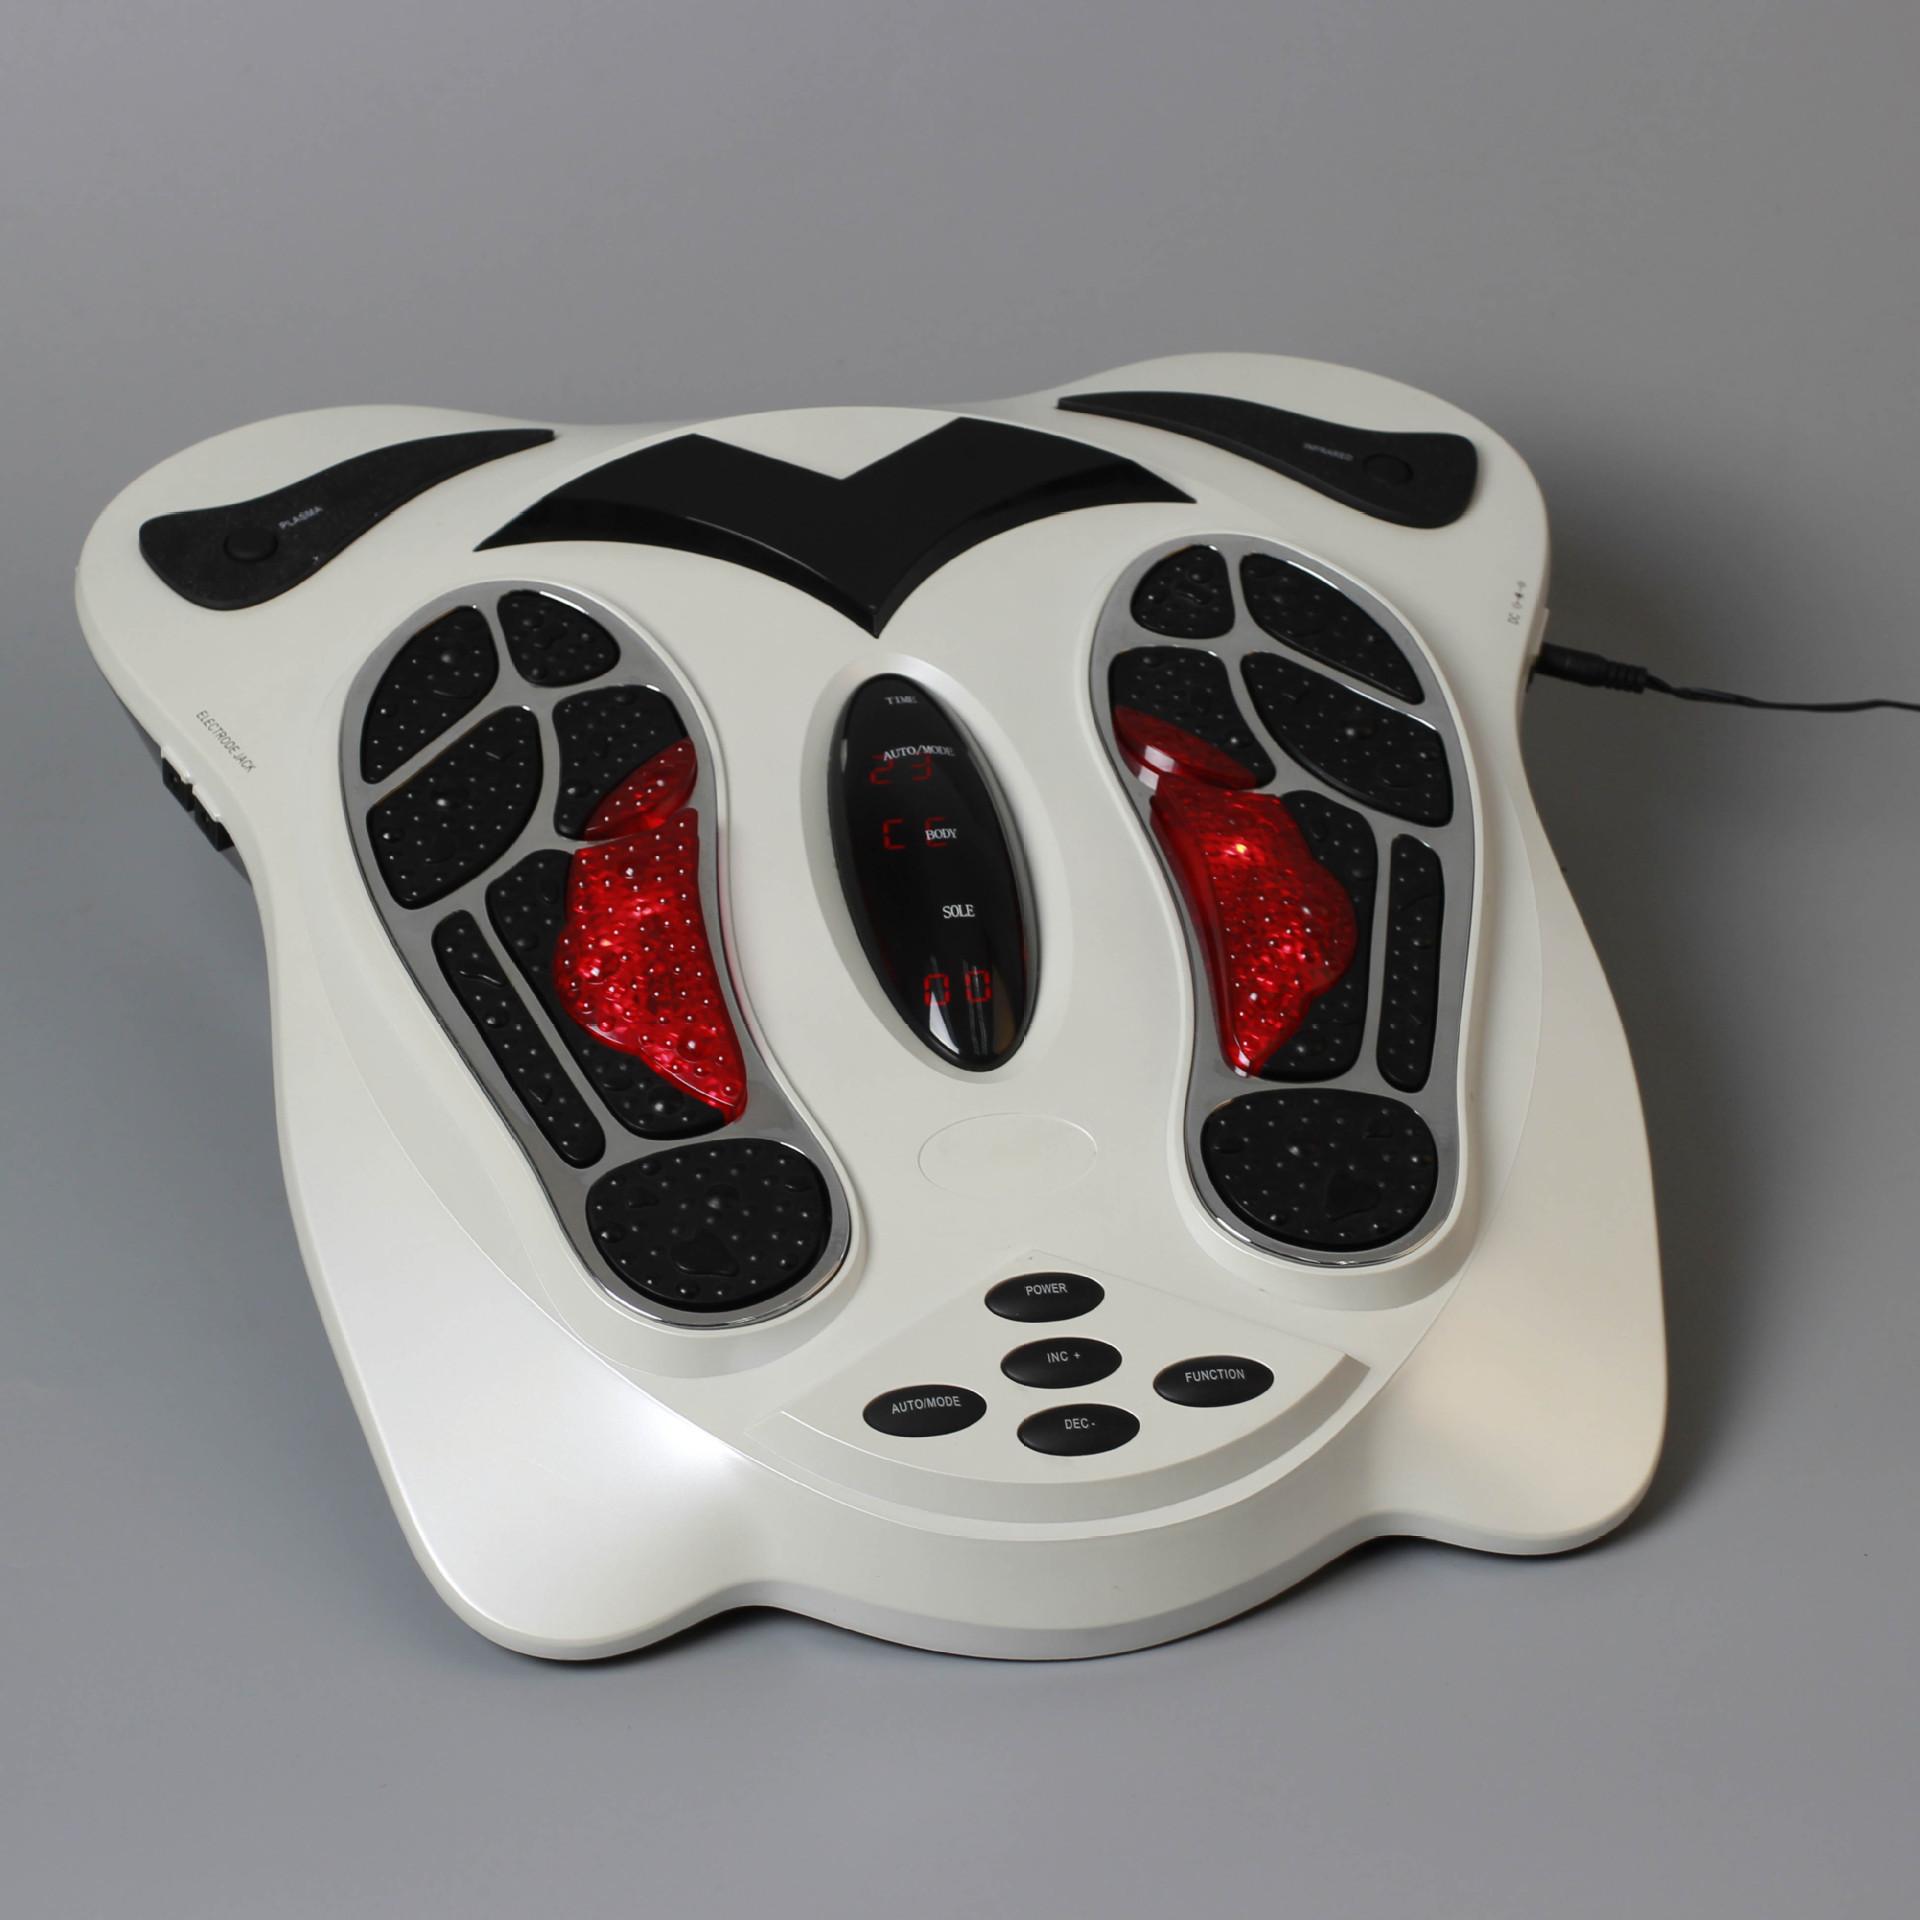 Máy Massage Chân Châm Cứu - Xung Điện - Hồng Ngoại Bấm Huyệt Heath Protection Instrument